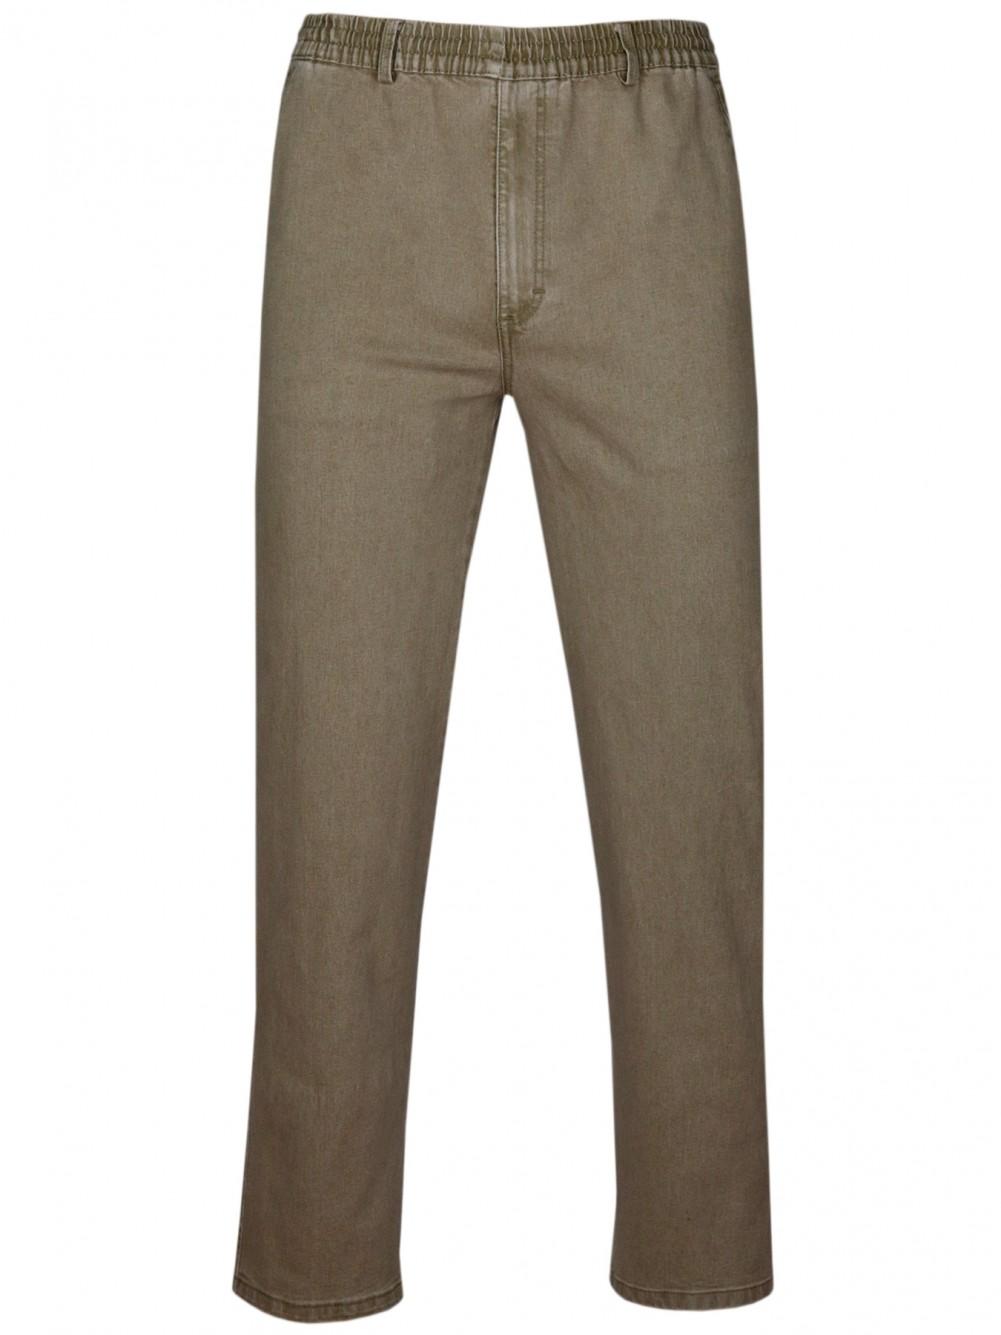 Stretch Jeans Schlupfhose ohne Cargotaschen Herbst-Kollektion - Camel